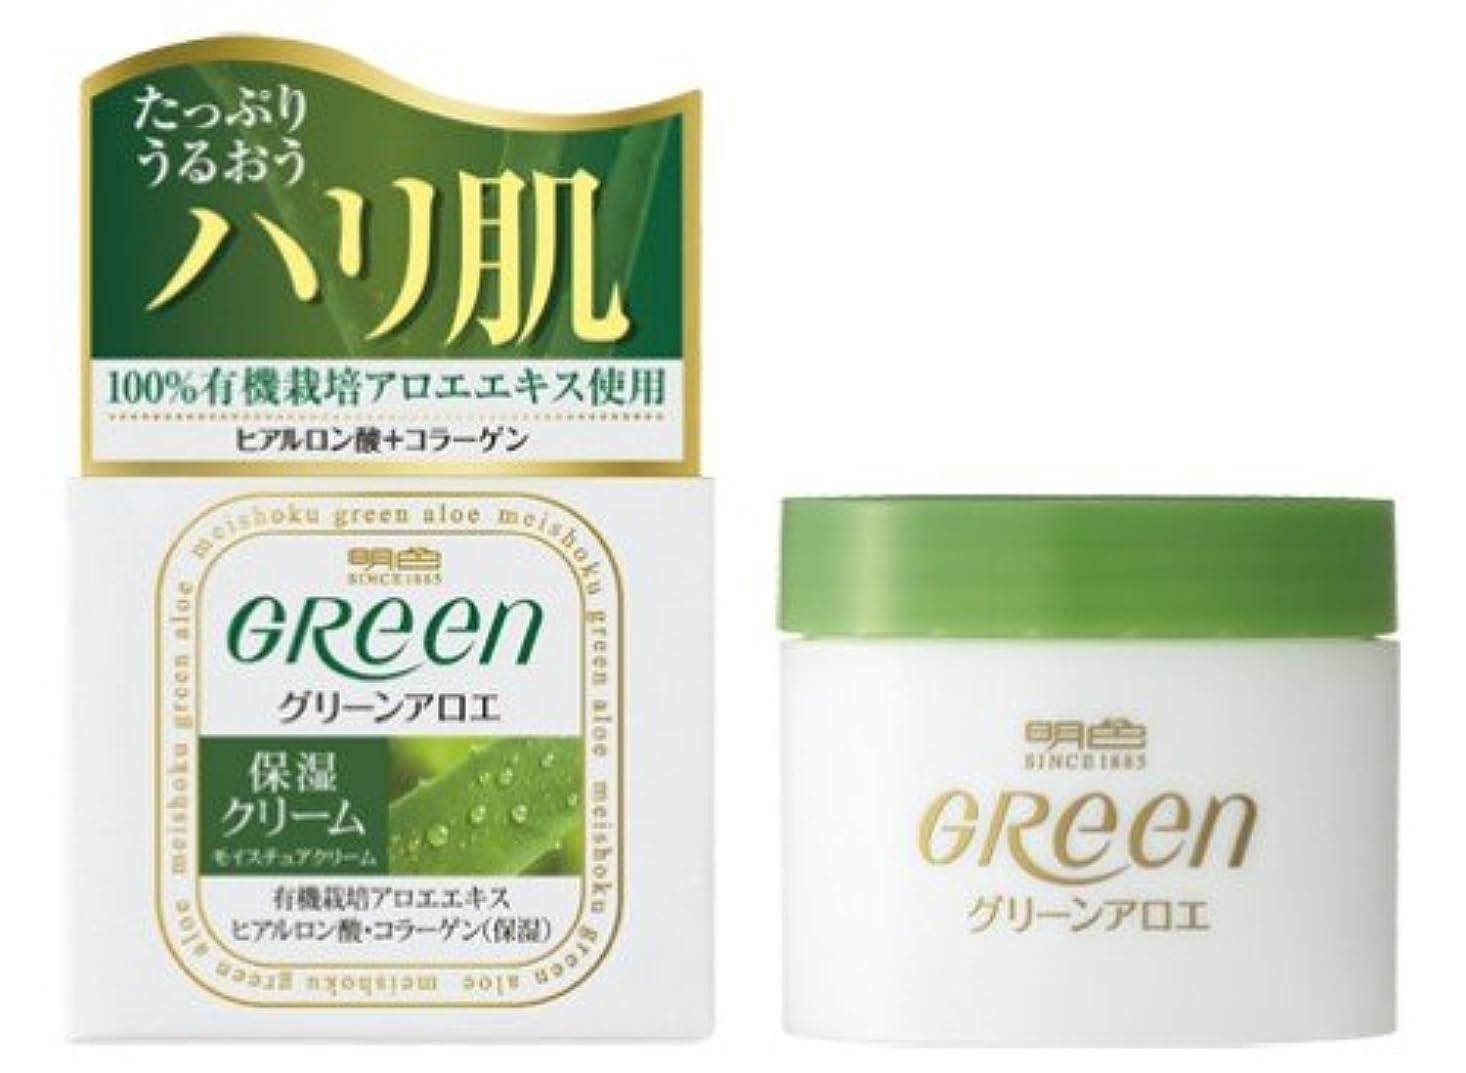 ファブリックエキス検査官明色グリーン モイスチュアクリーム 48G